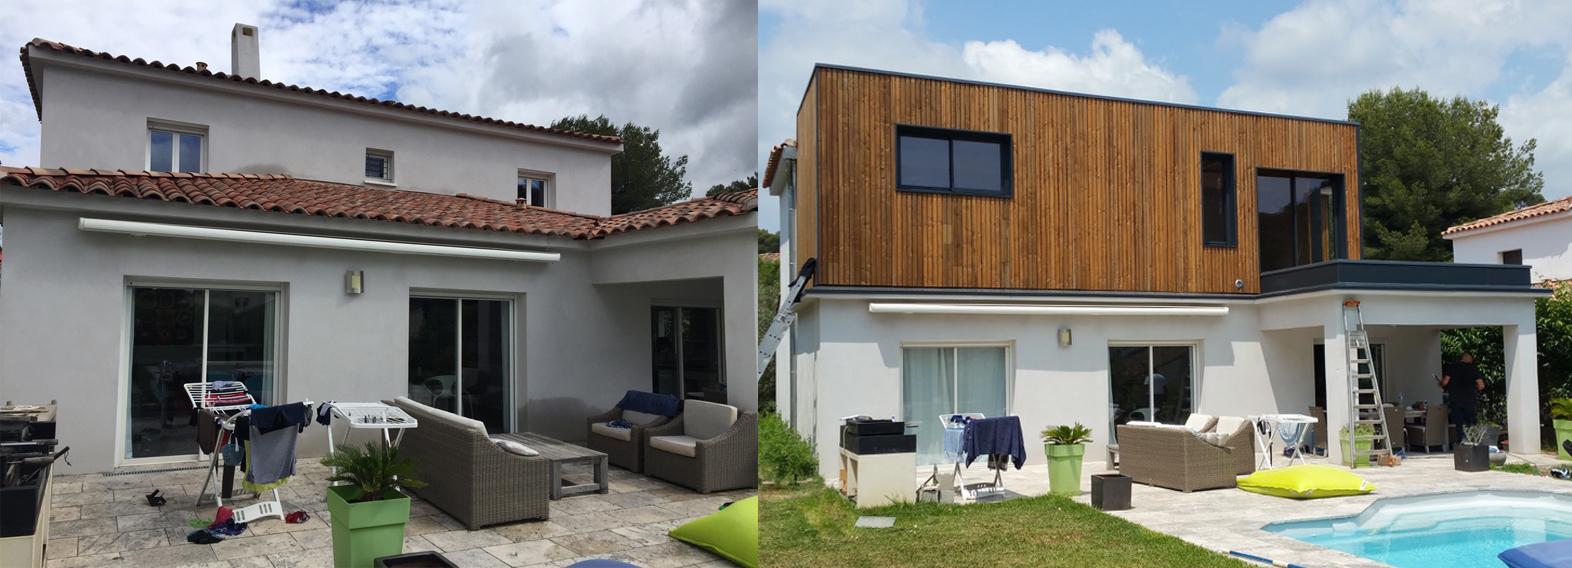 Ossature bois - Avant/ Après : Rénovation/ Extension ...